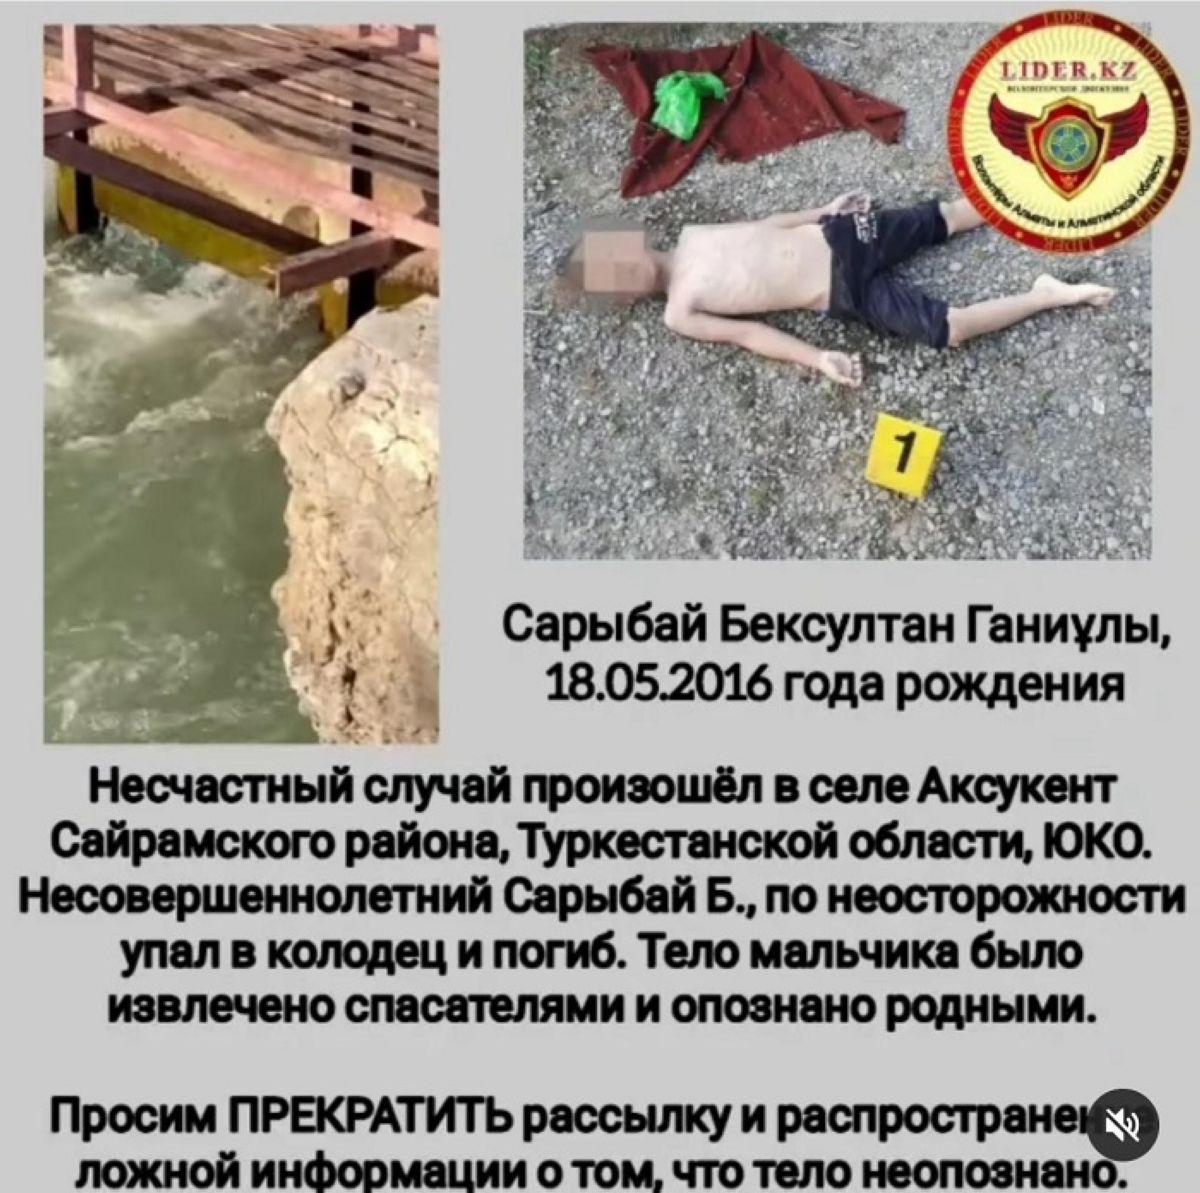 Түркістан облысында жоғалып кеткен 5 жасар бала өлі күйінде табылды 1